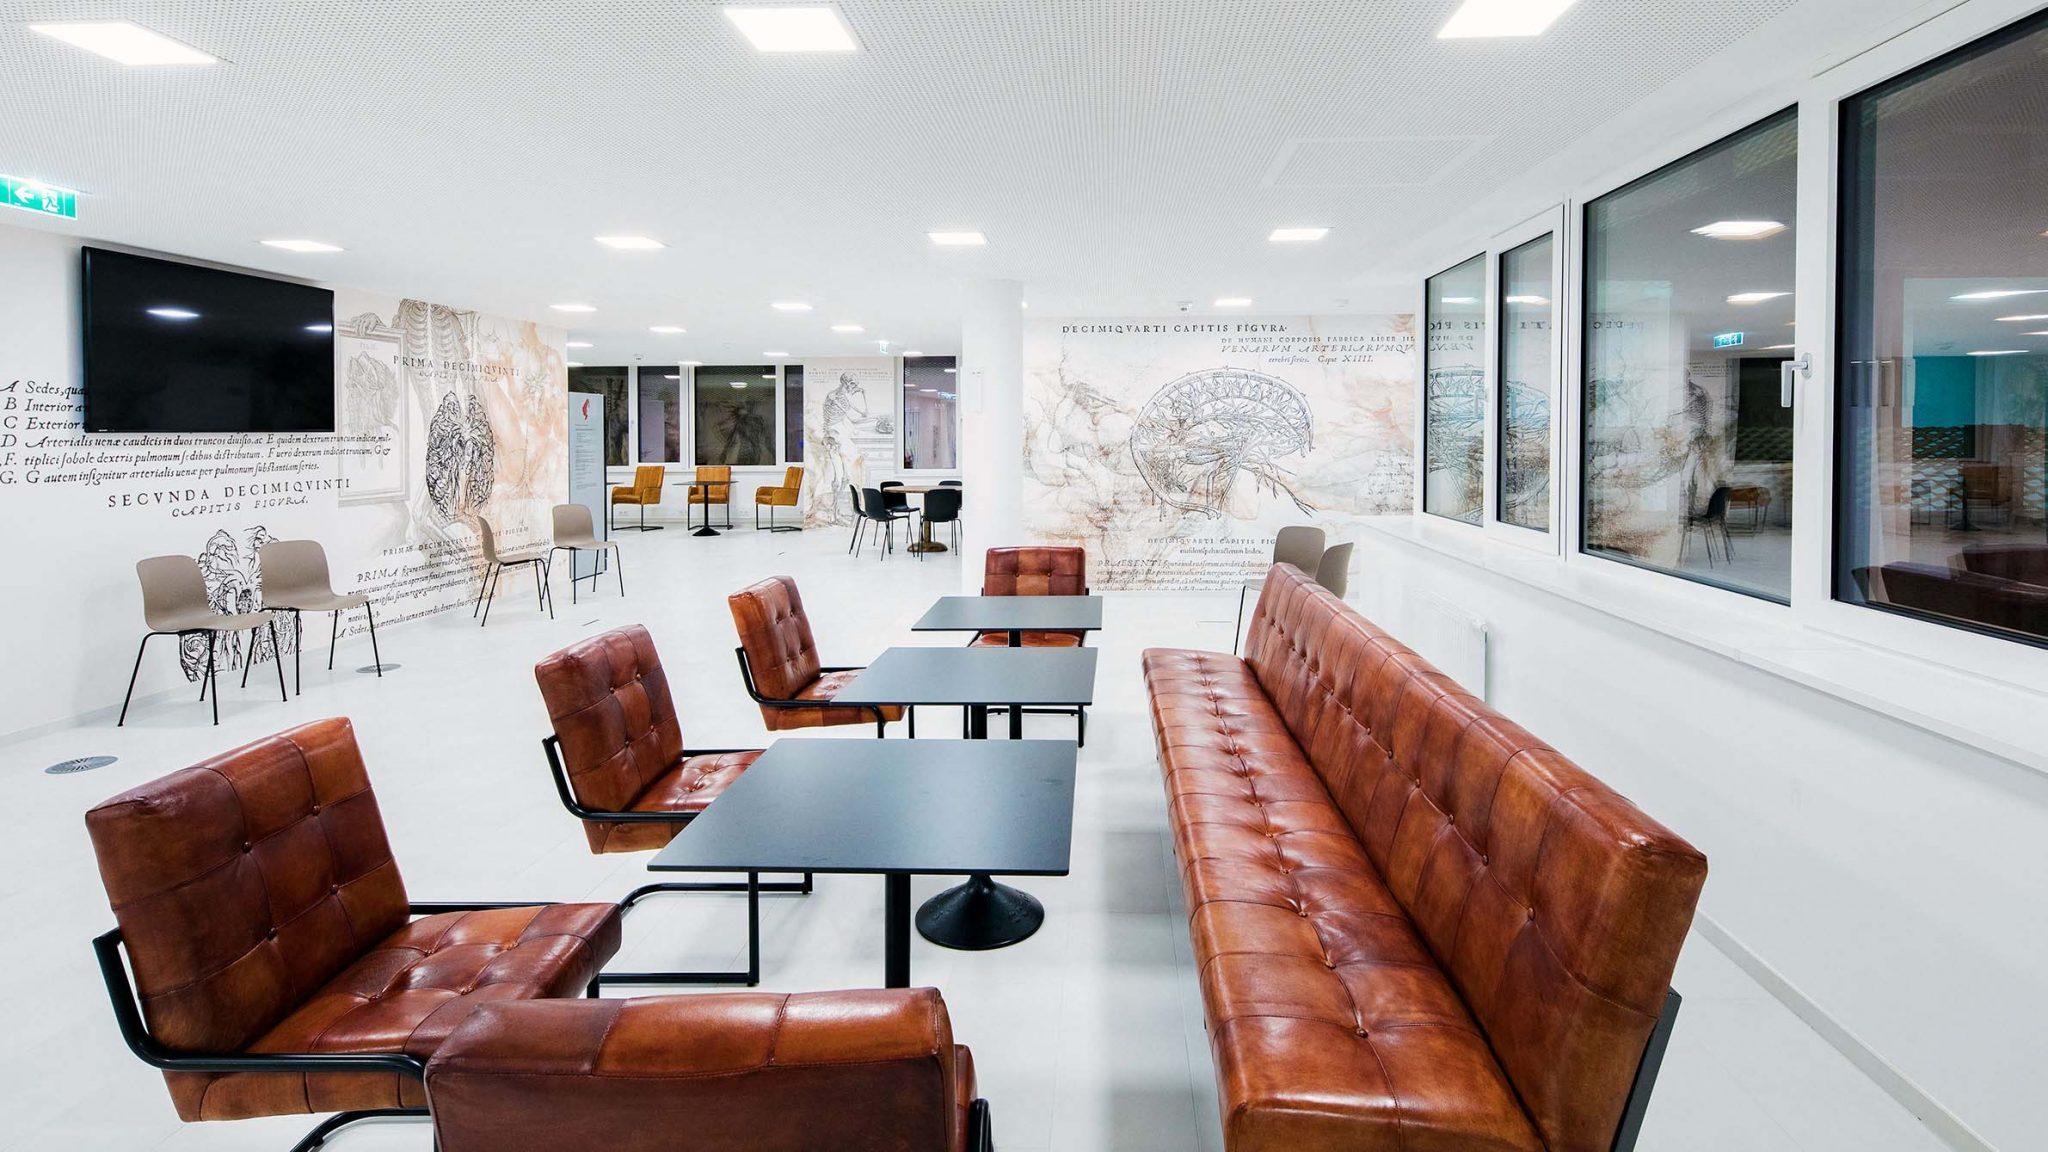 Aufnahme des Sitzbereiches eingerichtet mit Tischen, Stühlen und langem Ledersofa, thematische Tapeten mit anatomischen Motiven.